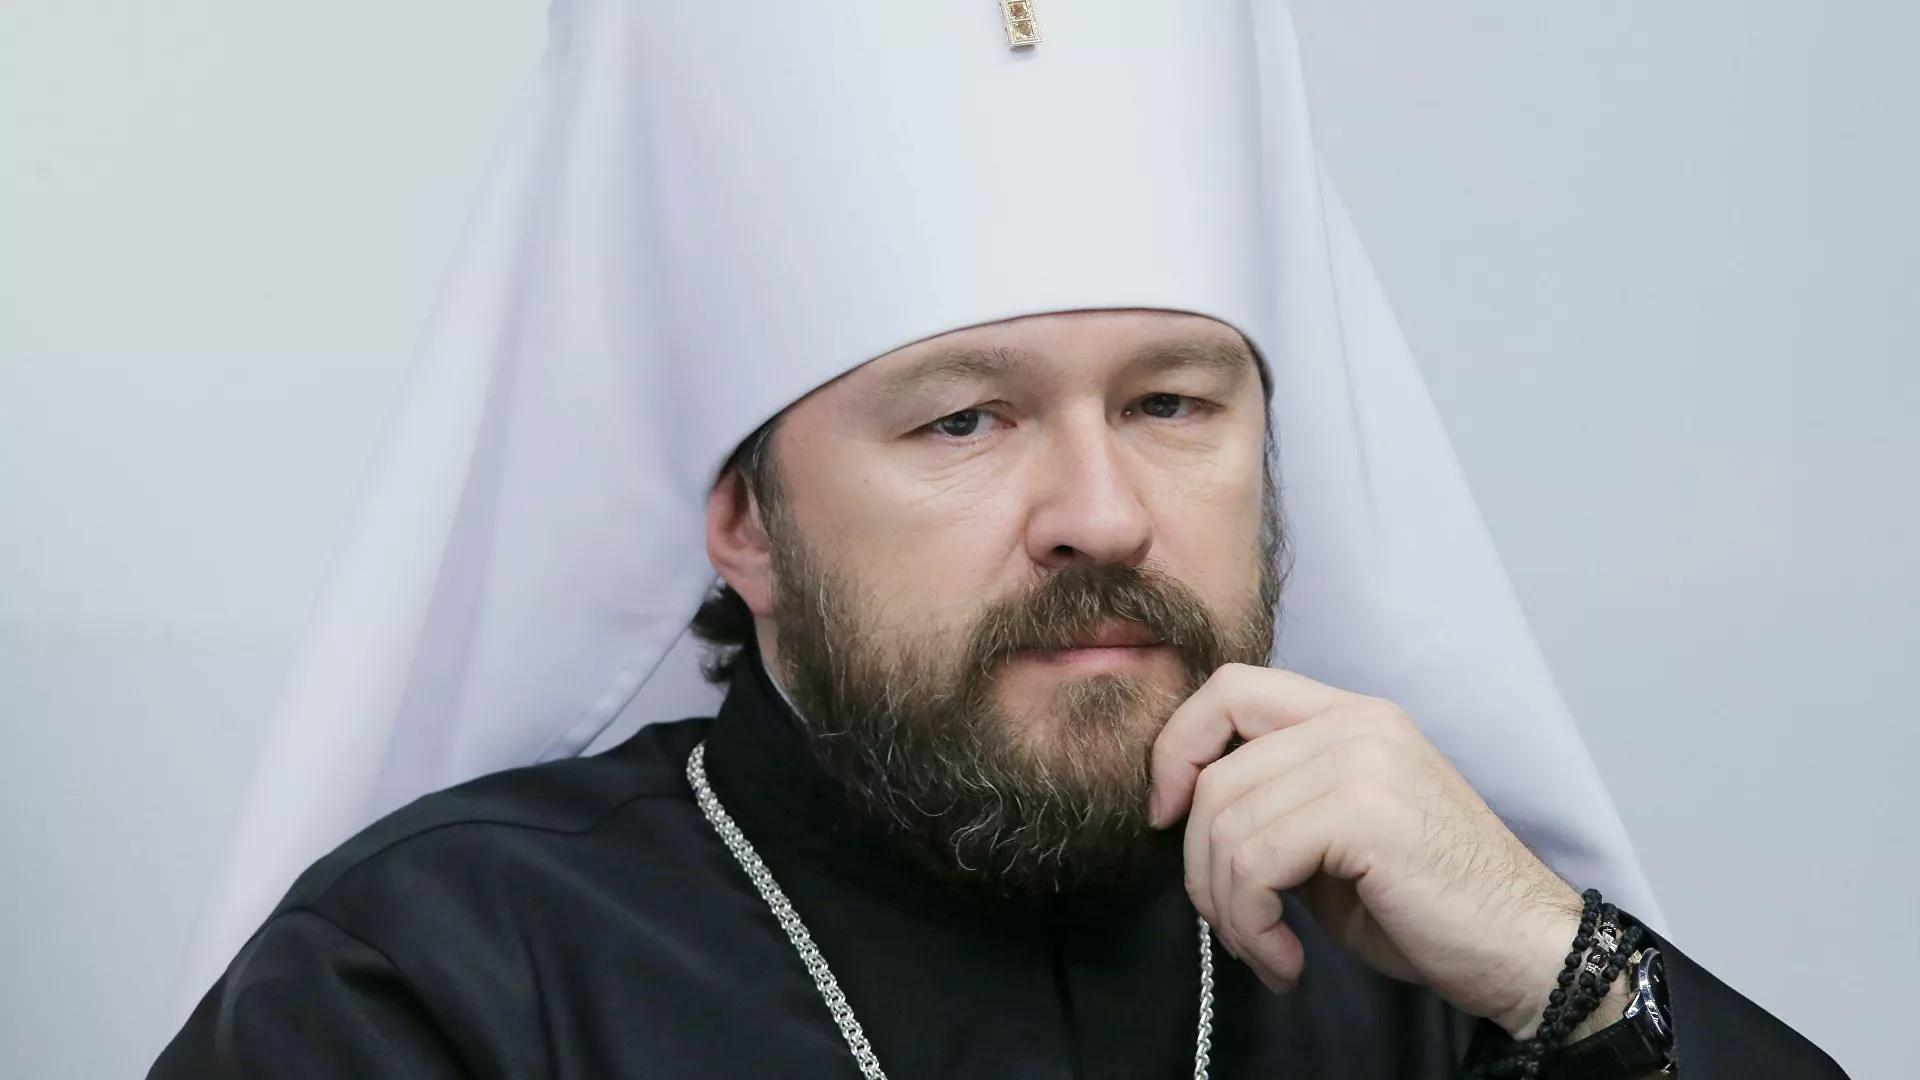 РПЦ усомнилась в решении суда, отобравшего детей у женщины